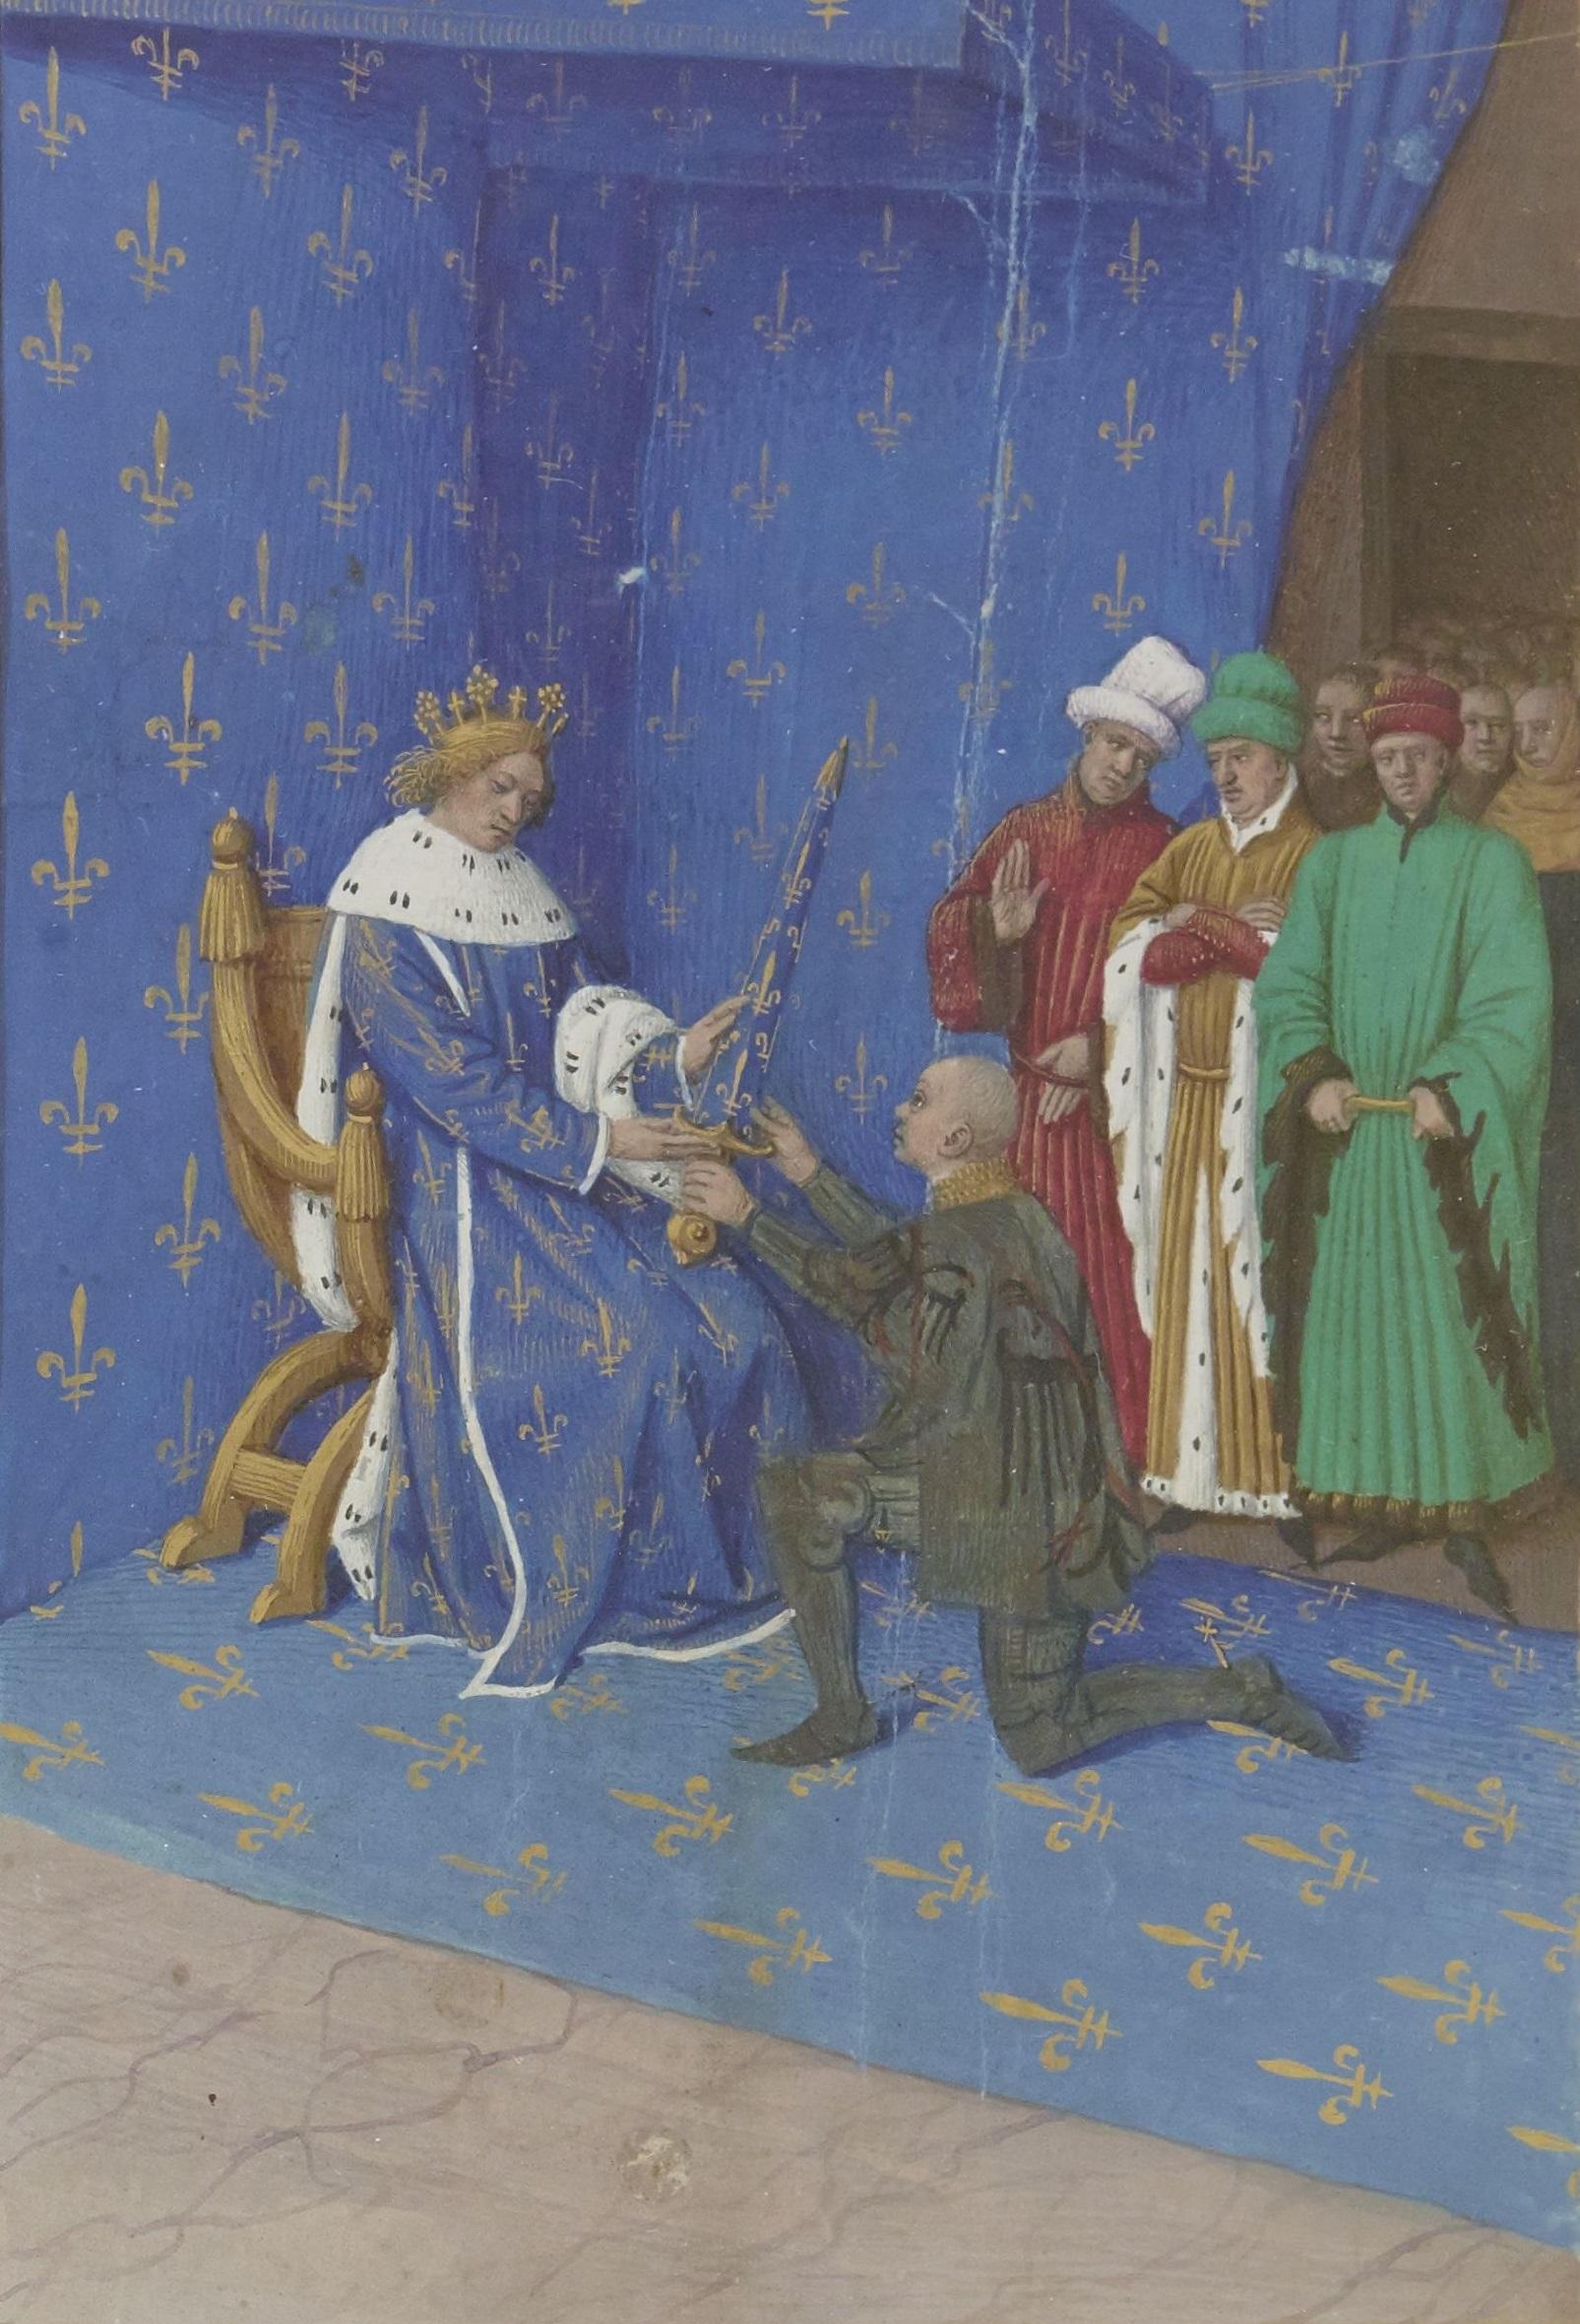 Fichier:Jean Fouquet - Remise de l'épée de connetable à Bertrand Duguesclin - Enluminure (XVe siècle).jpg